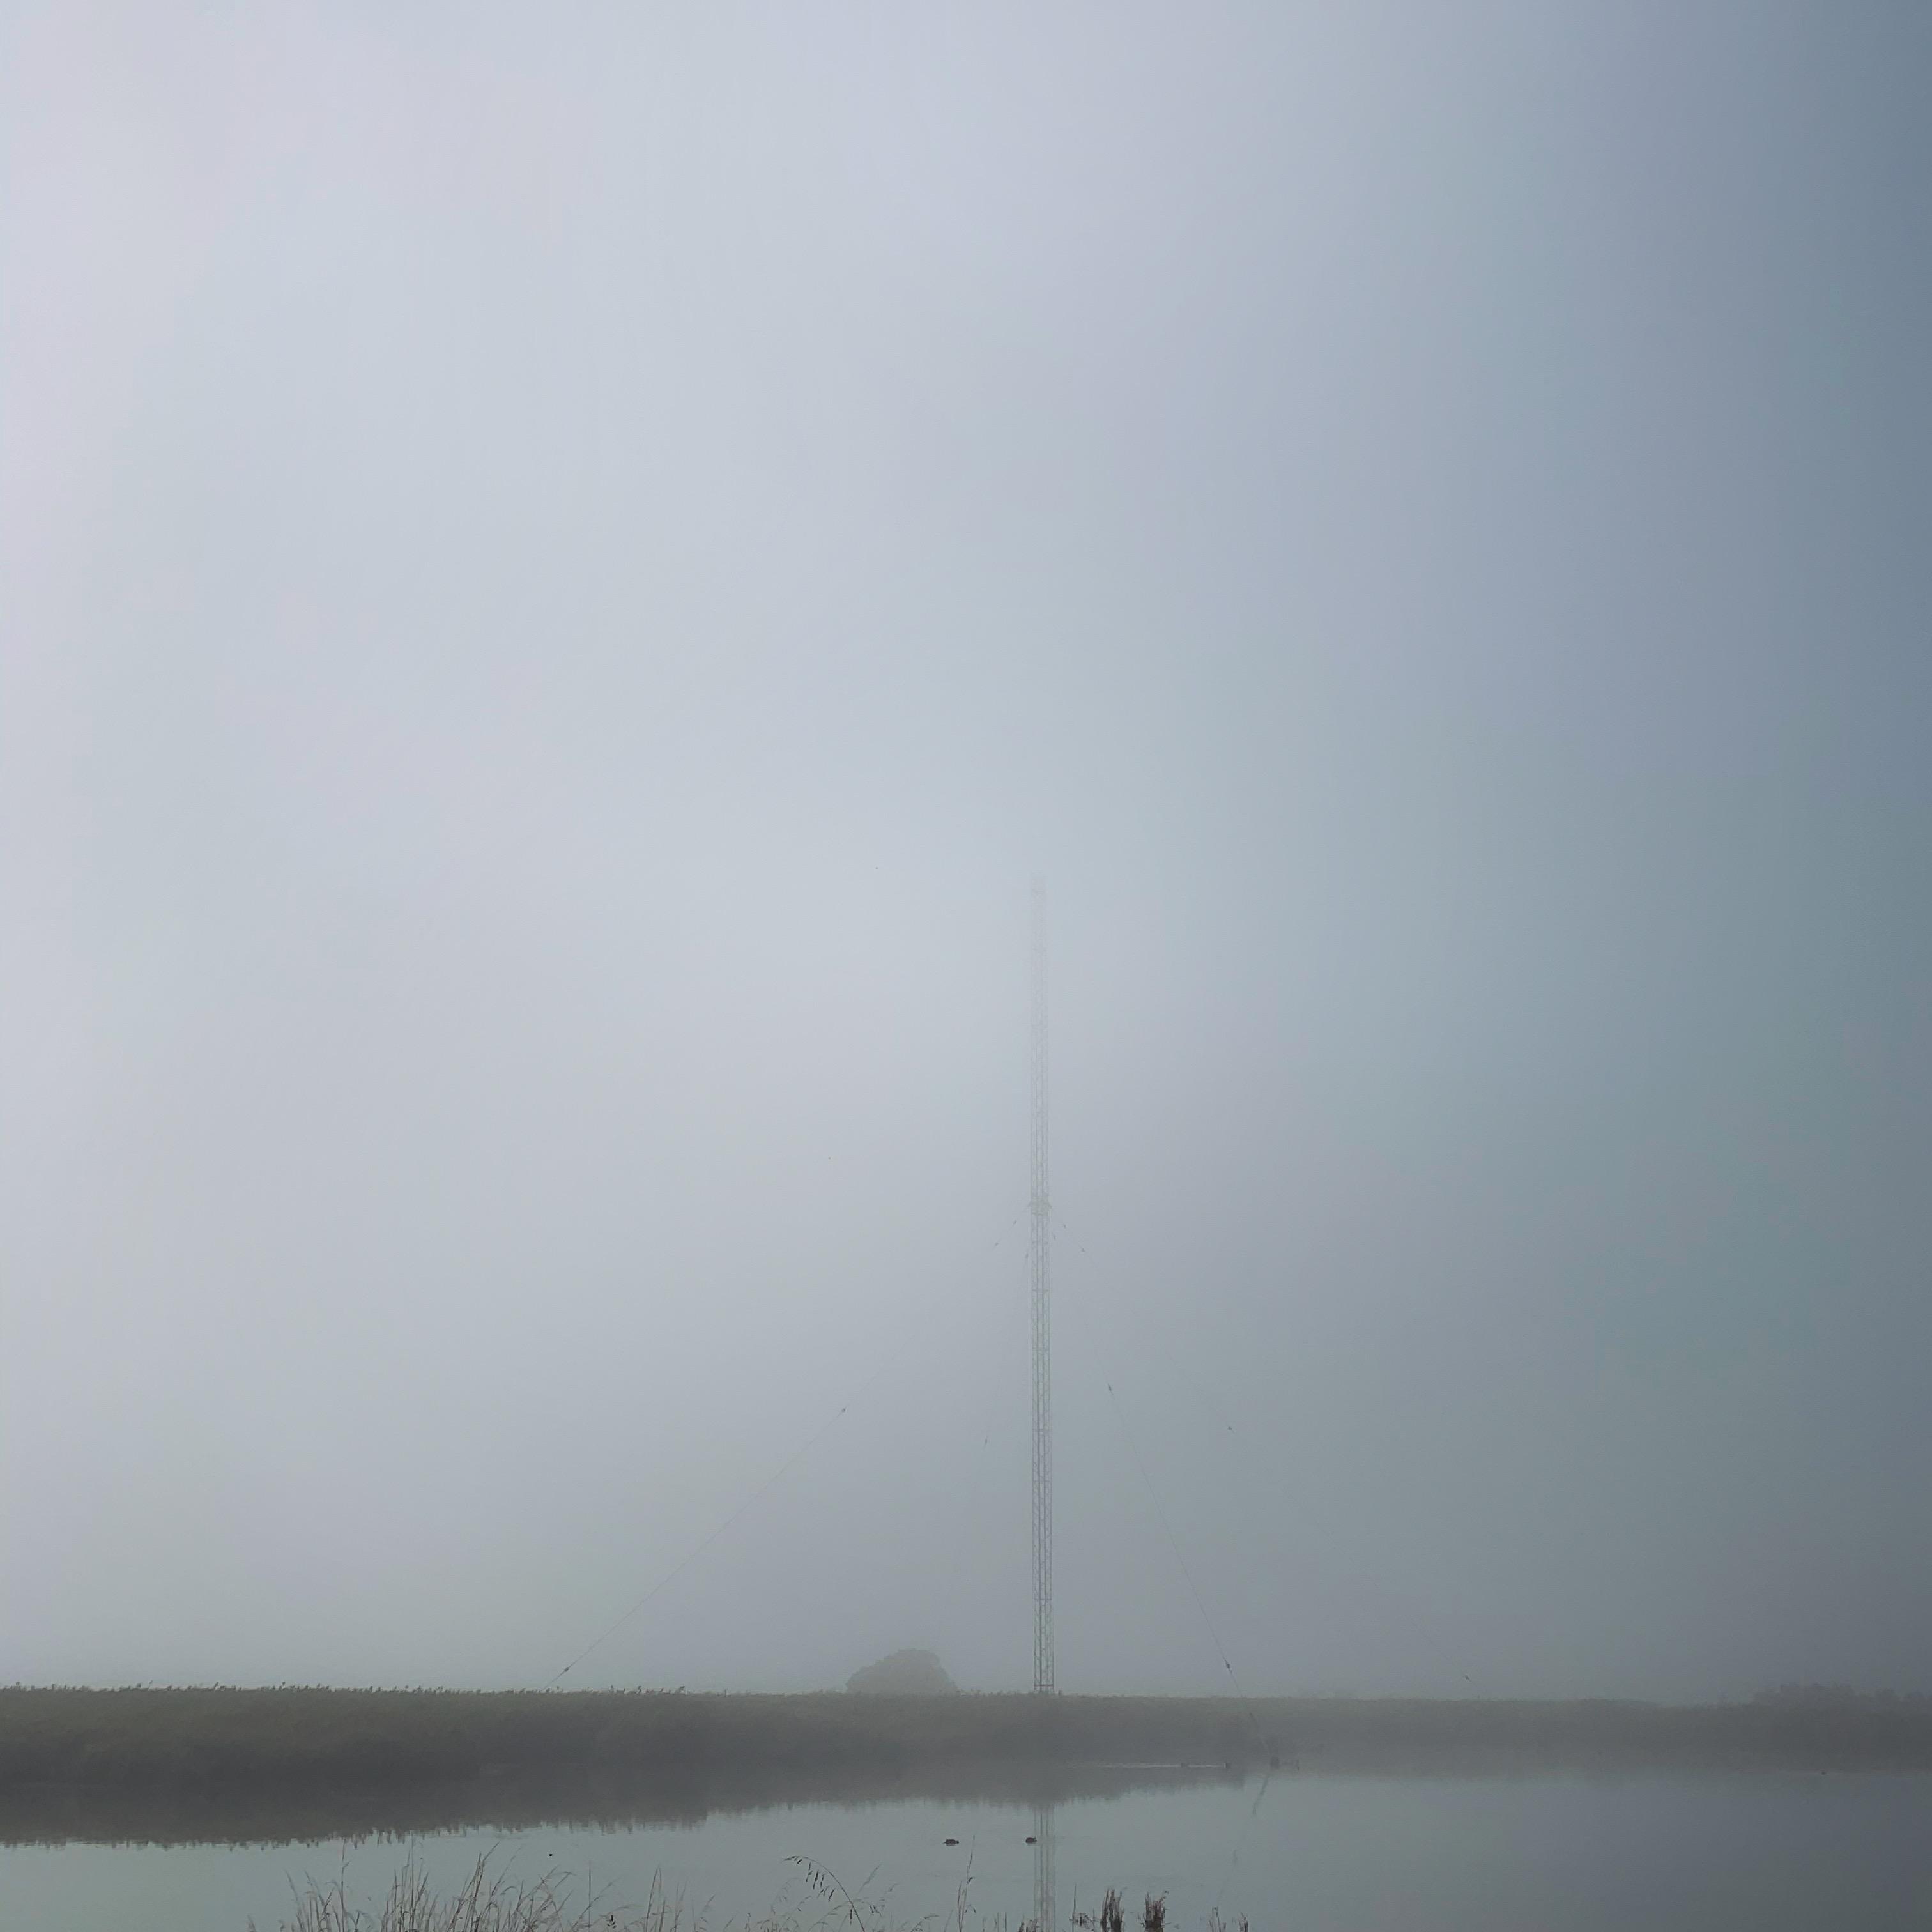 a tower mostly hidden by morning fog, Launceston Tasmania